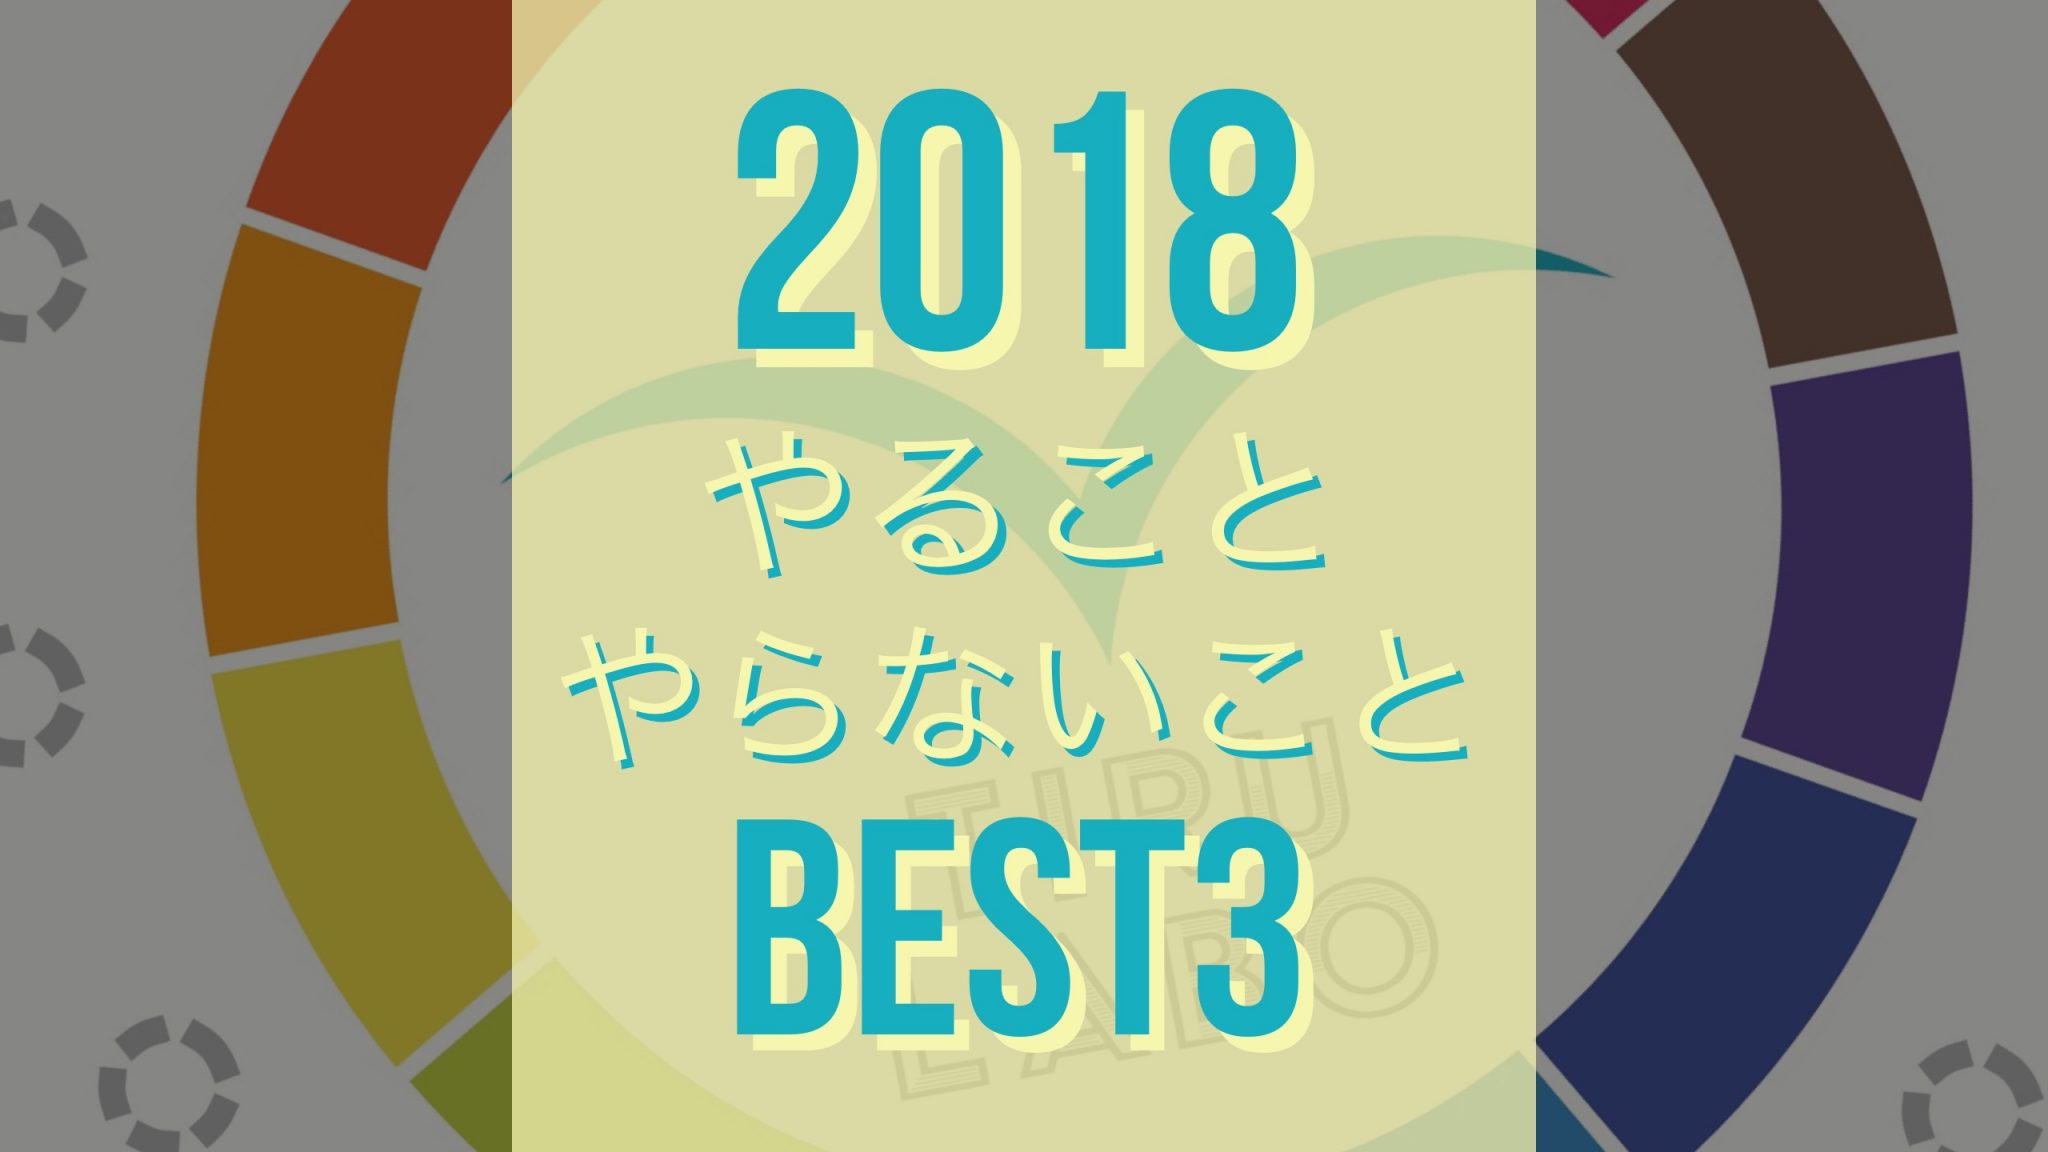 2018年やらないこと・やることベスト3